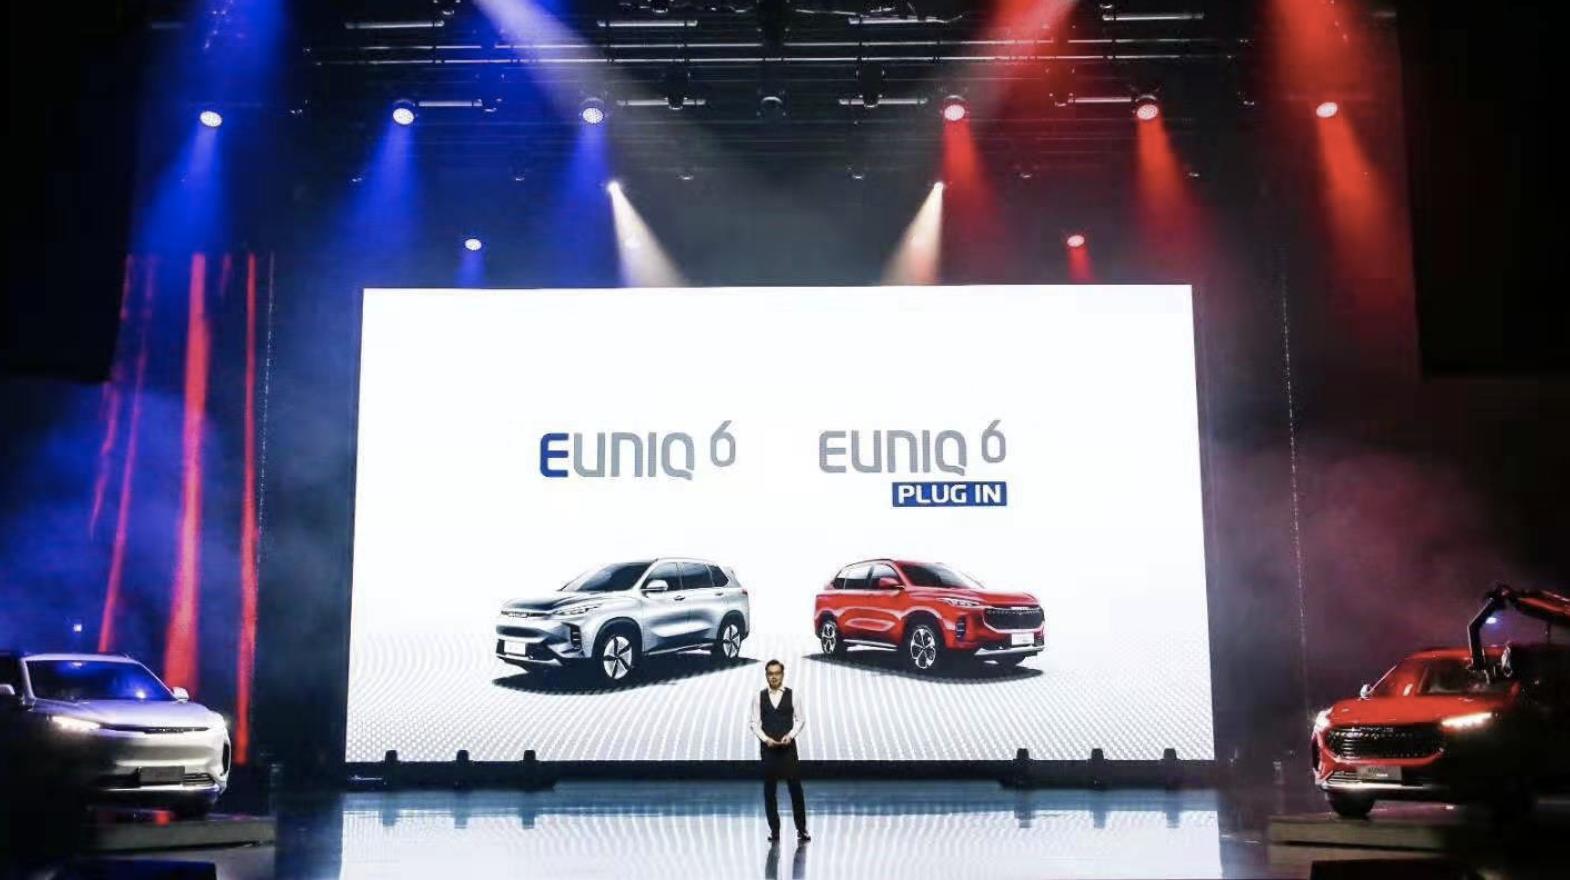 上汽MAXUS發布2款新能源SUV車型 定名EUNIQ 6